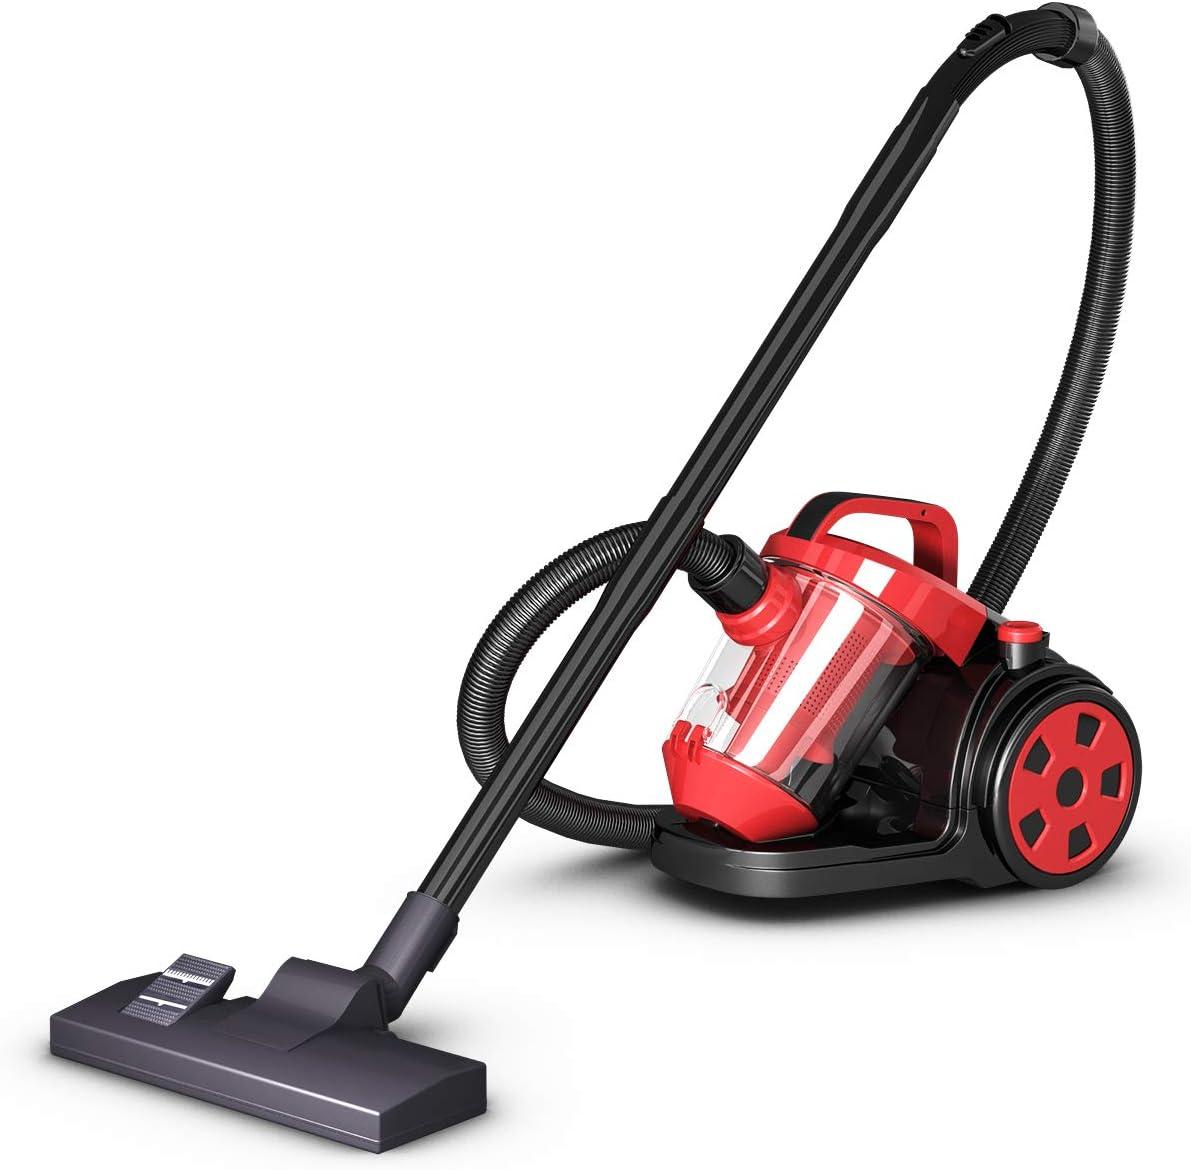 COSTWAY aspiradora ciclónica sin bolsa con filtro HEPA, aspirador de piso duro con cable para rebobinar alfombra, viene con interruptor cepillo de piso y boquilla de boquilla y cepillo (rojo, 12 pulgadas